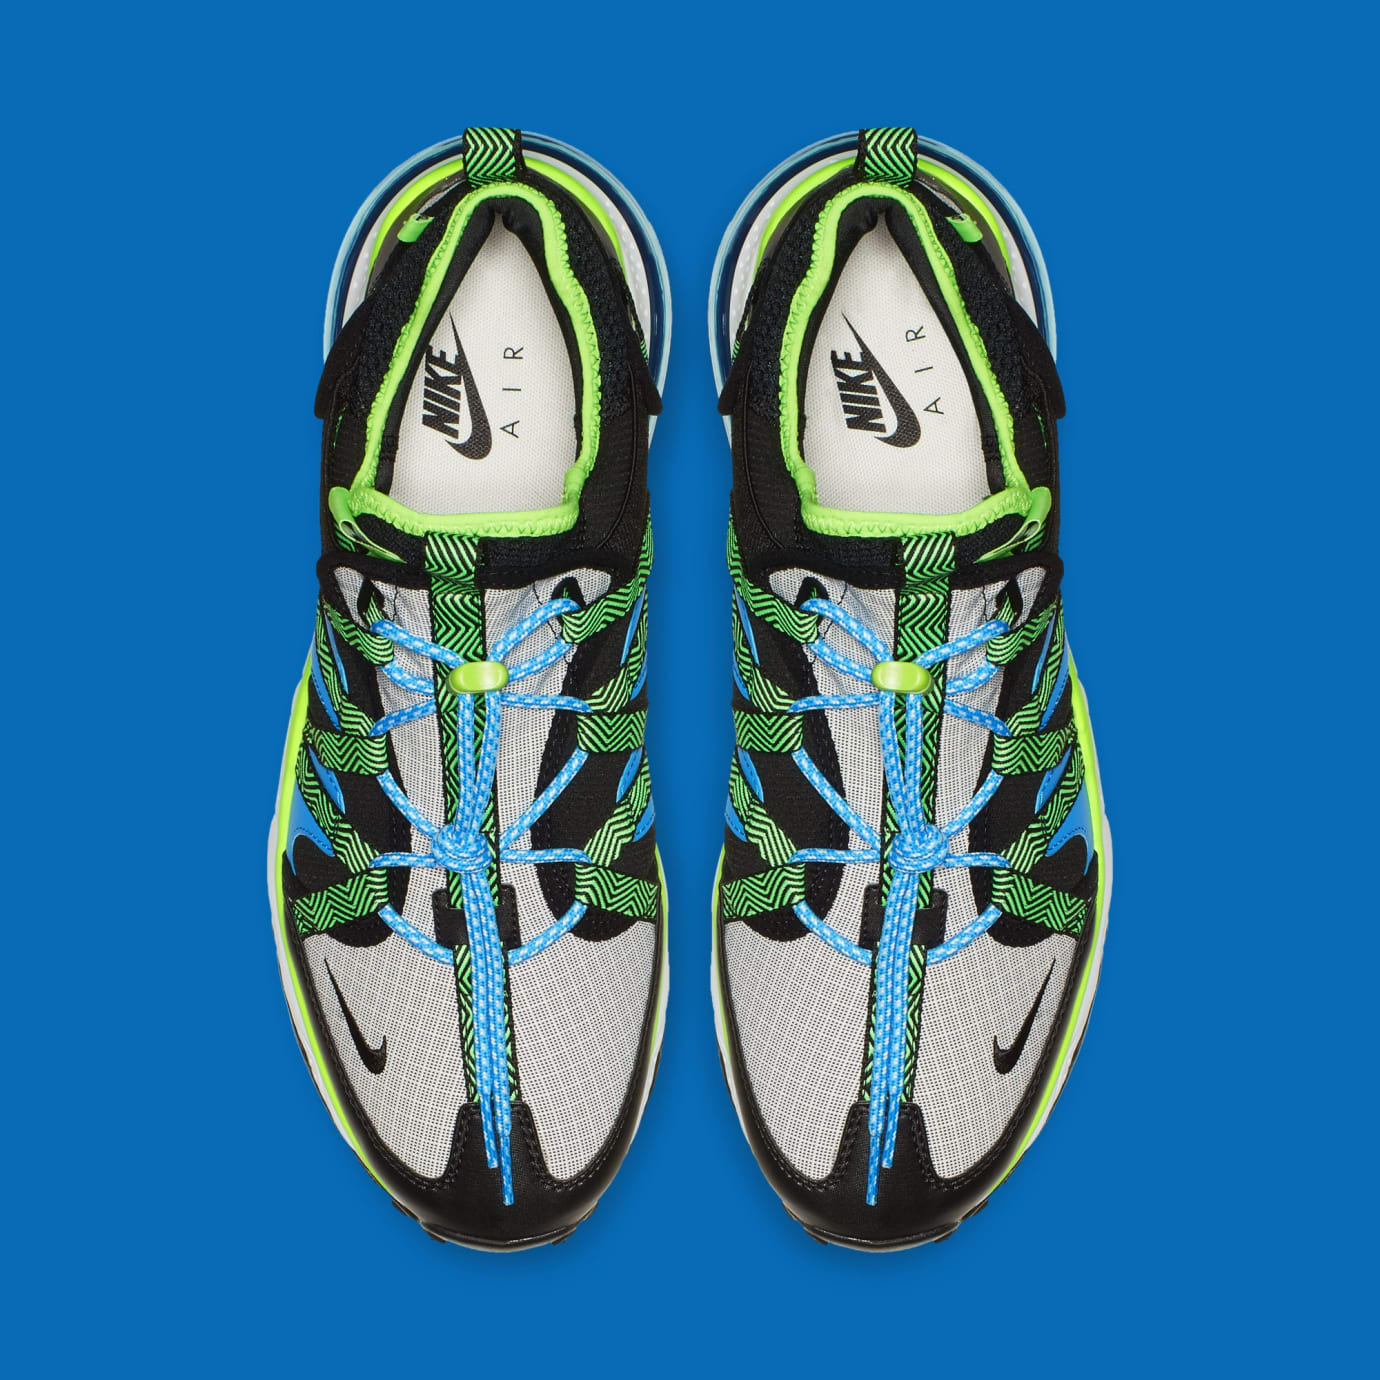 Nike Air Max 270 Bowfin AJ7200-002 (Top)